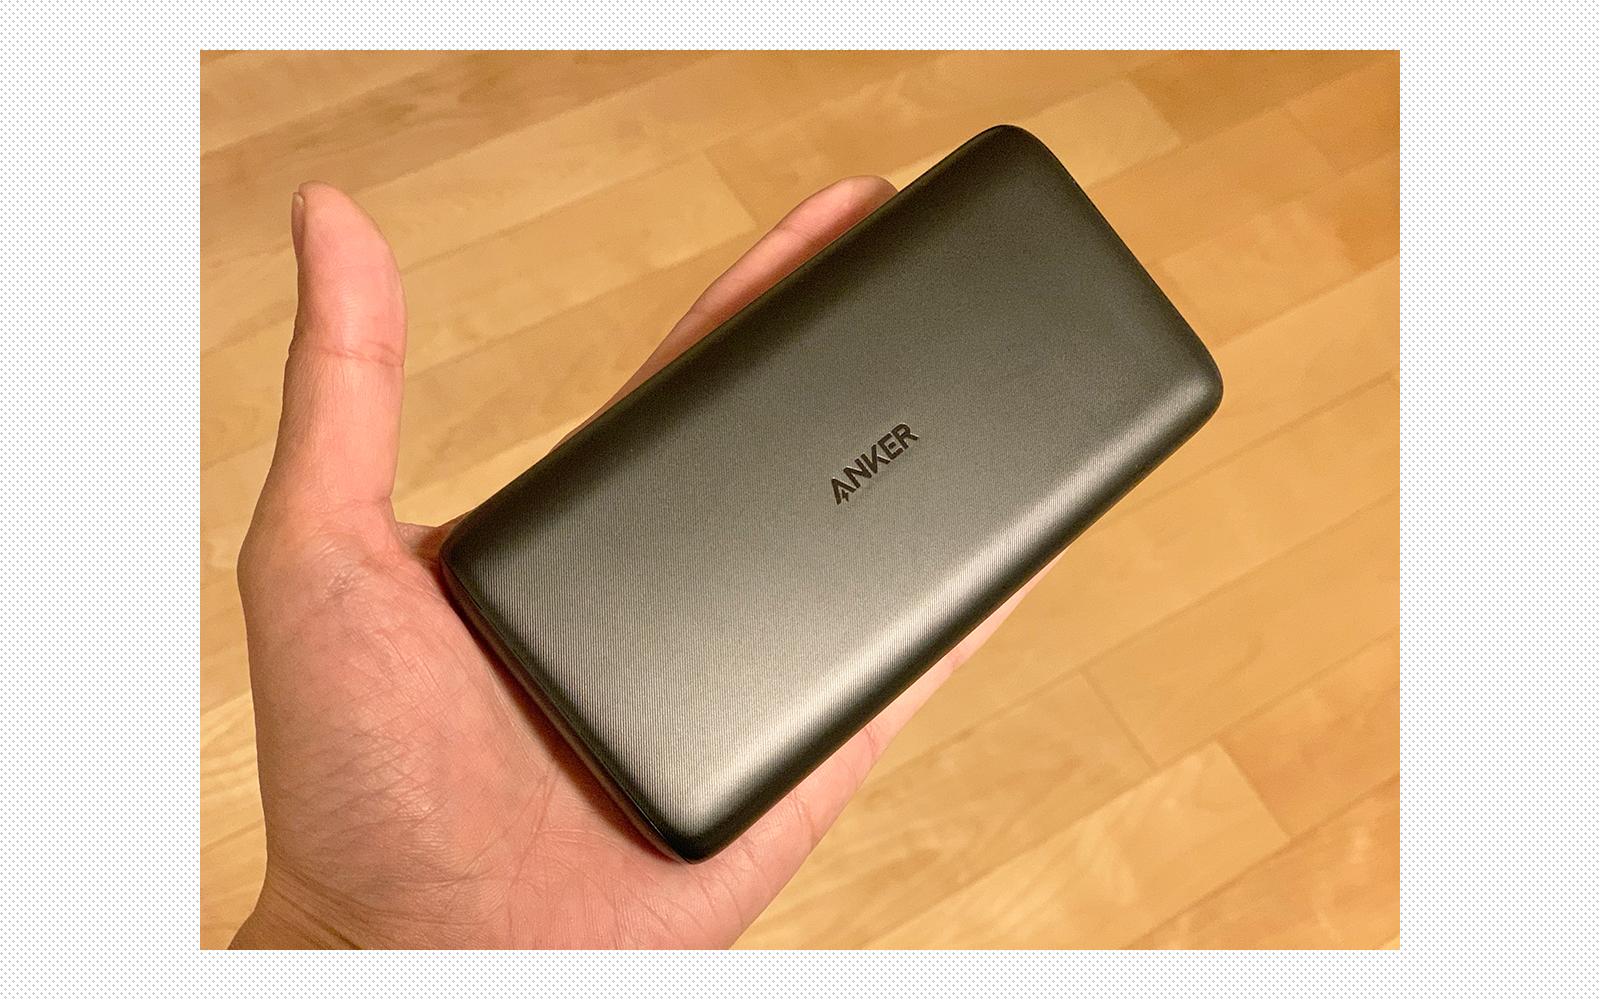 オススメモバイルバッテリー(Anker PowerCore Lite 10000)